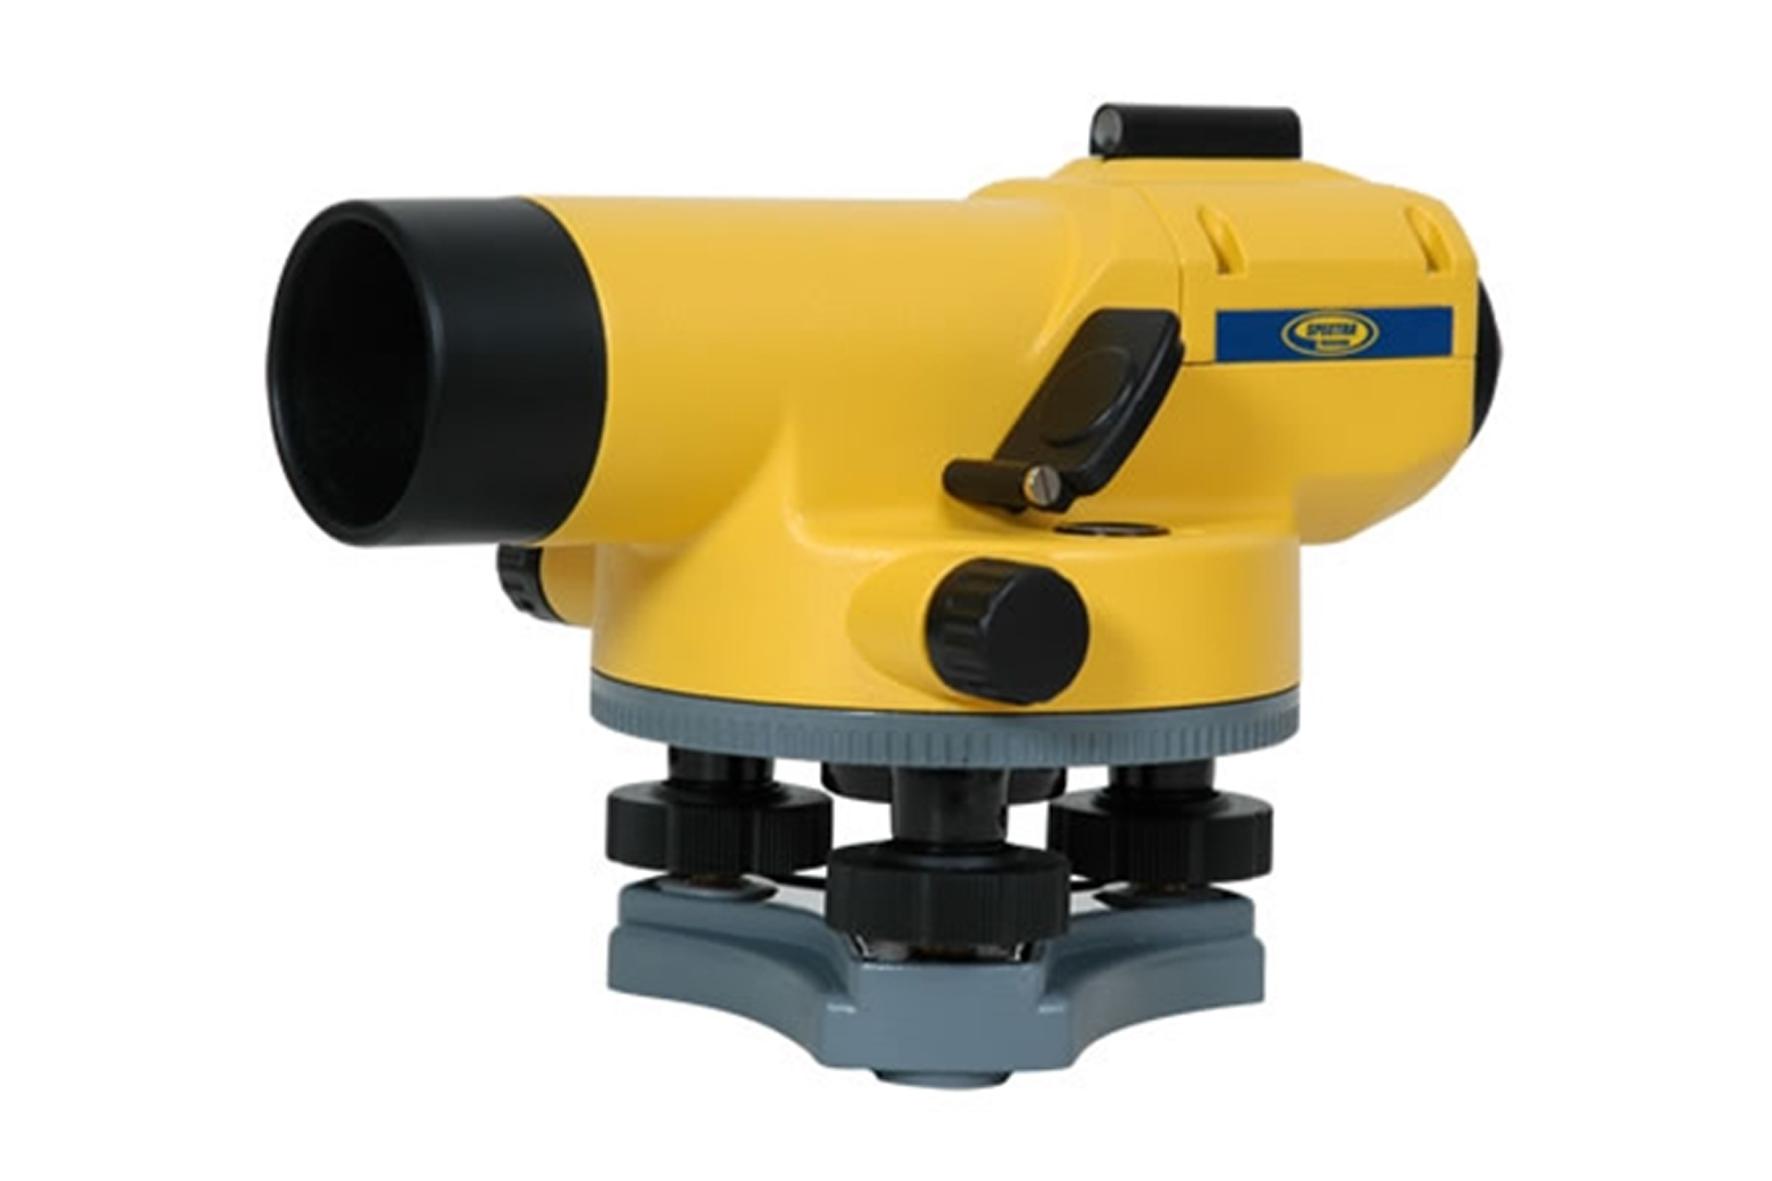 8459f65aa41a78 Niveau optique spectra al24m. Achat en ligne ou dans notre magasin.